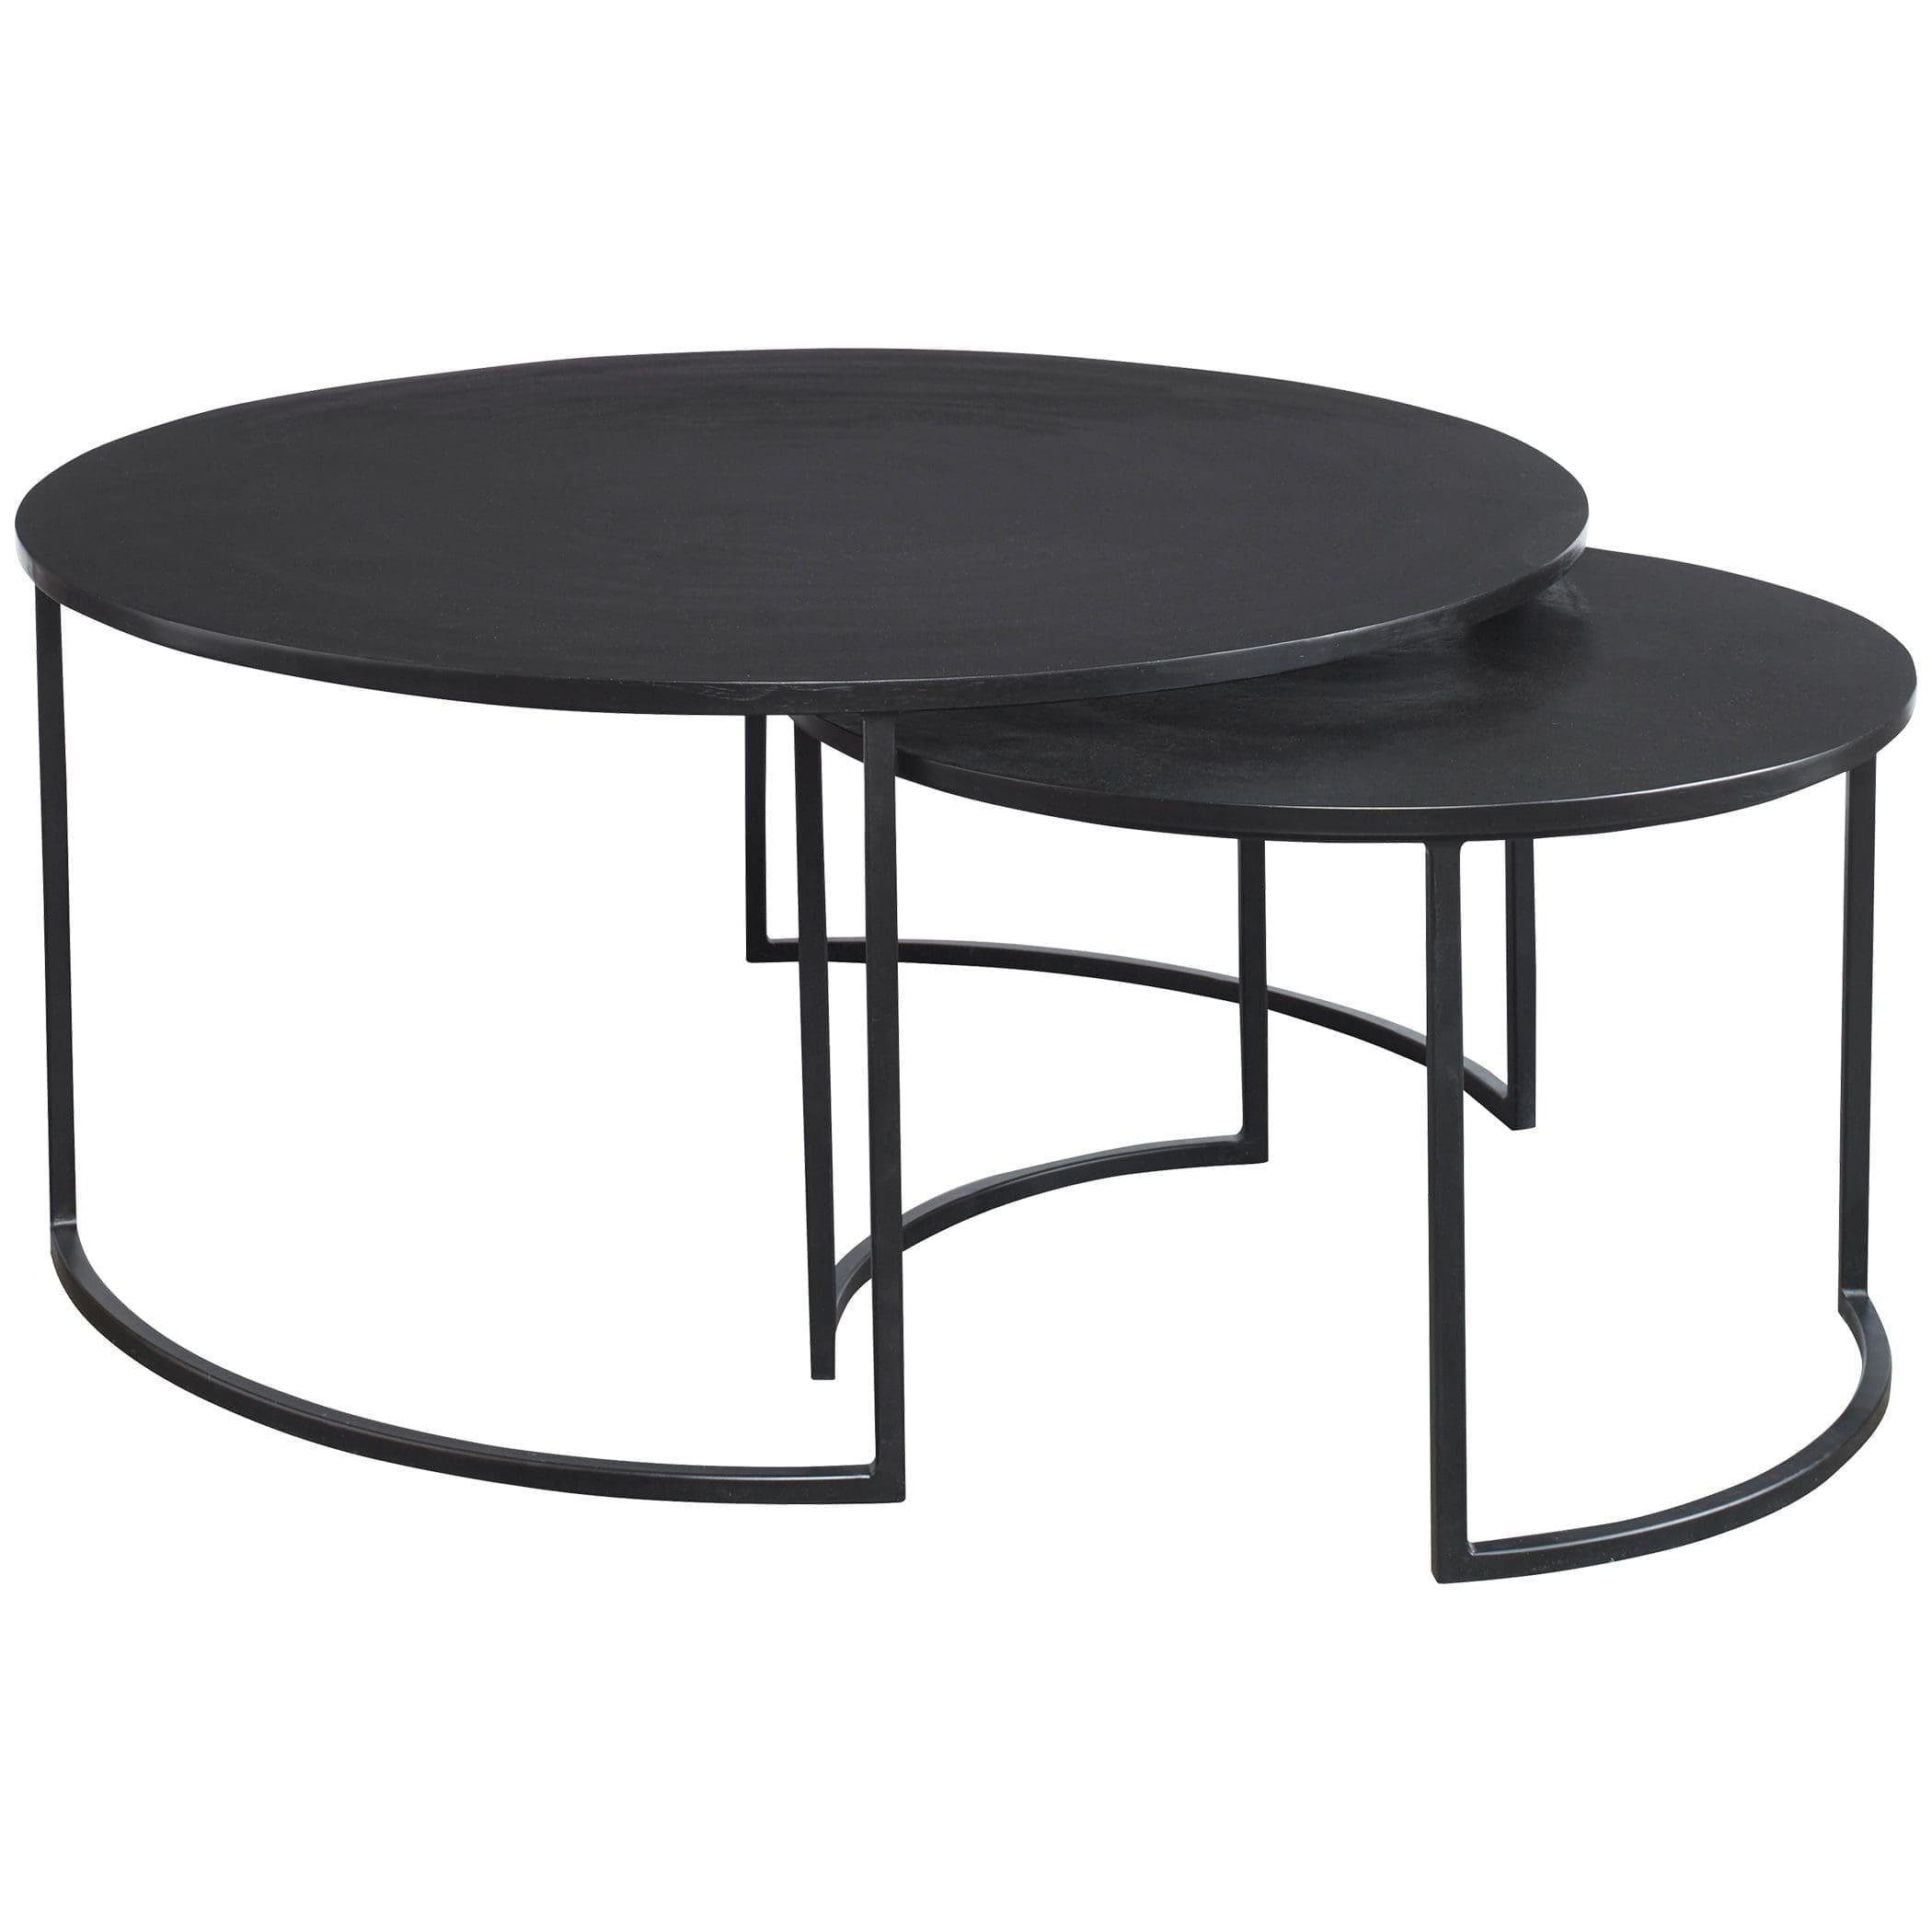 Uttermost Barnette Modern Nesting Coffee Tables S/2